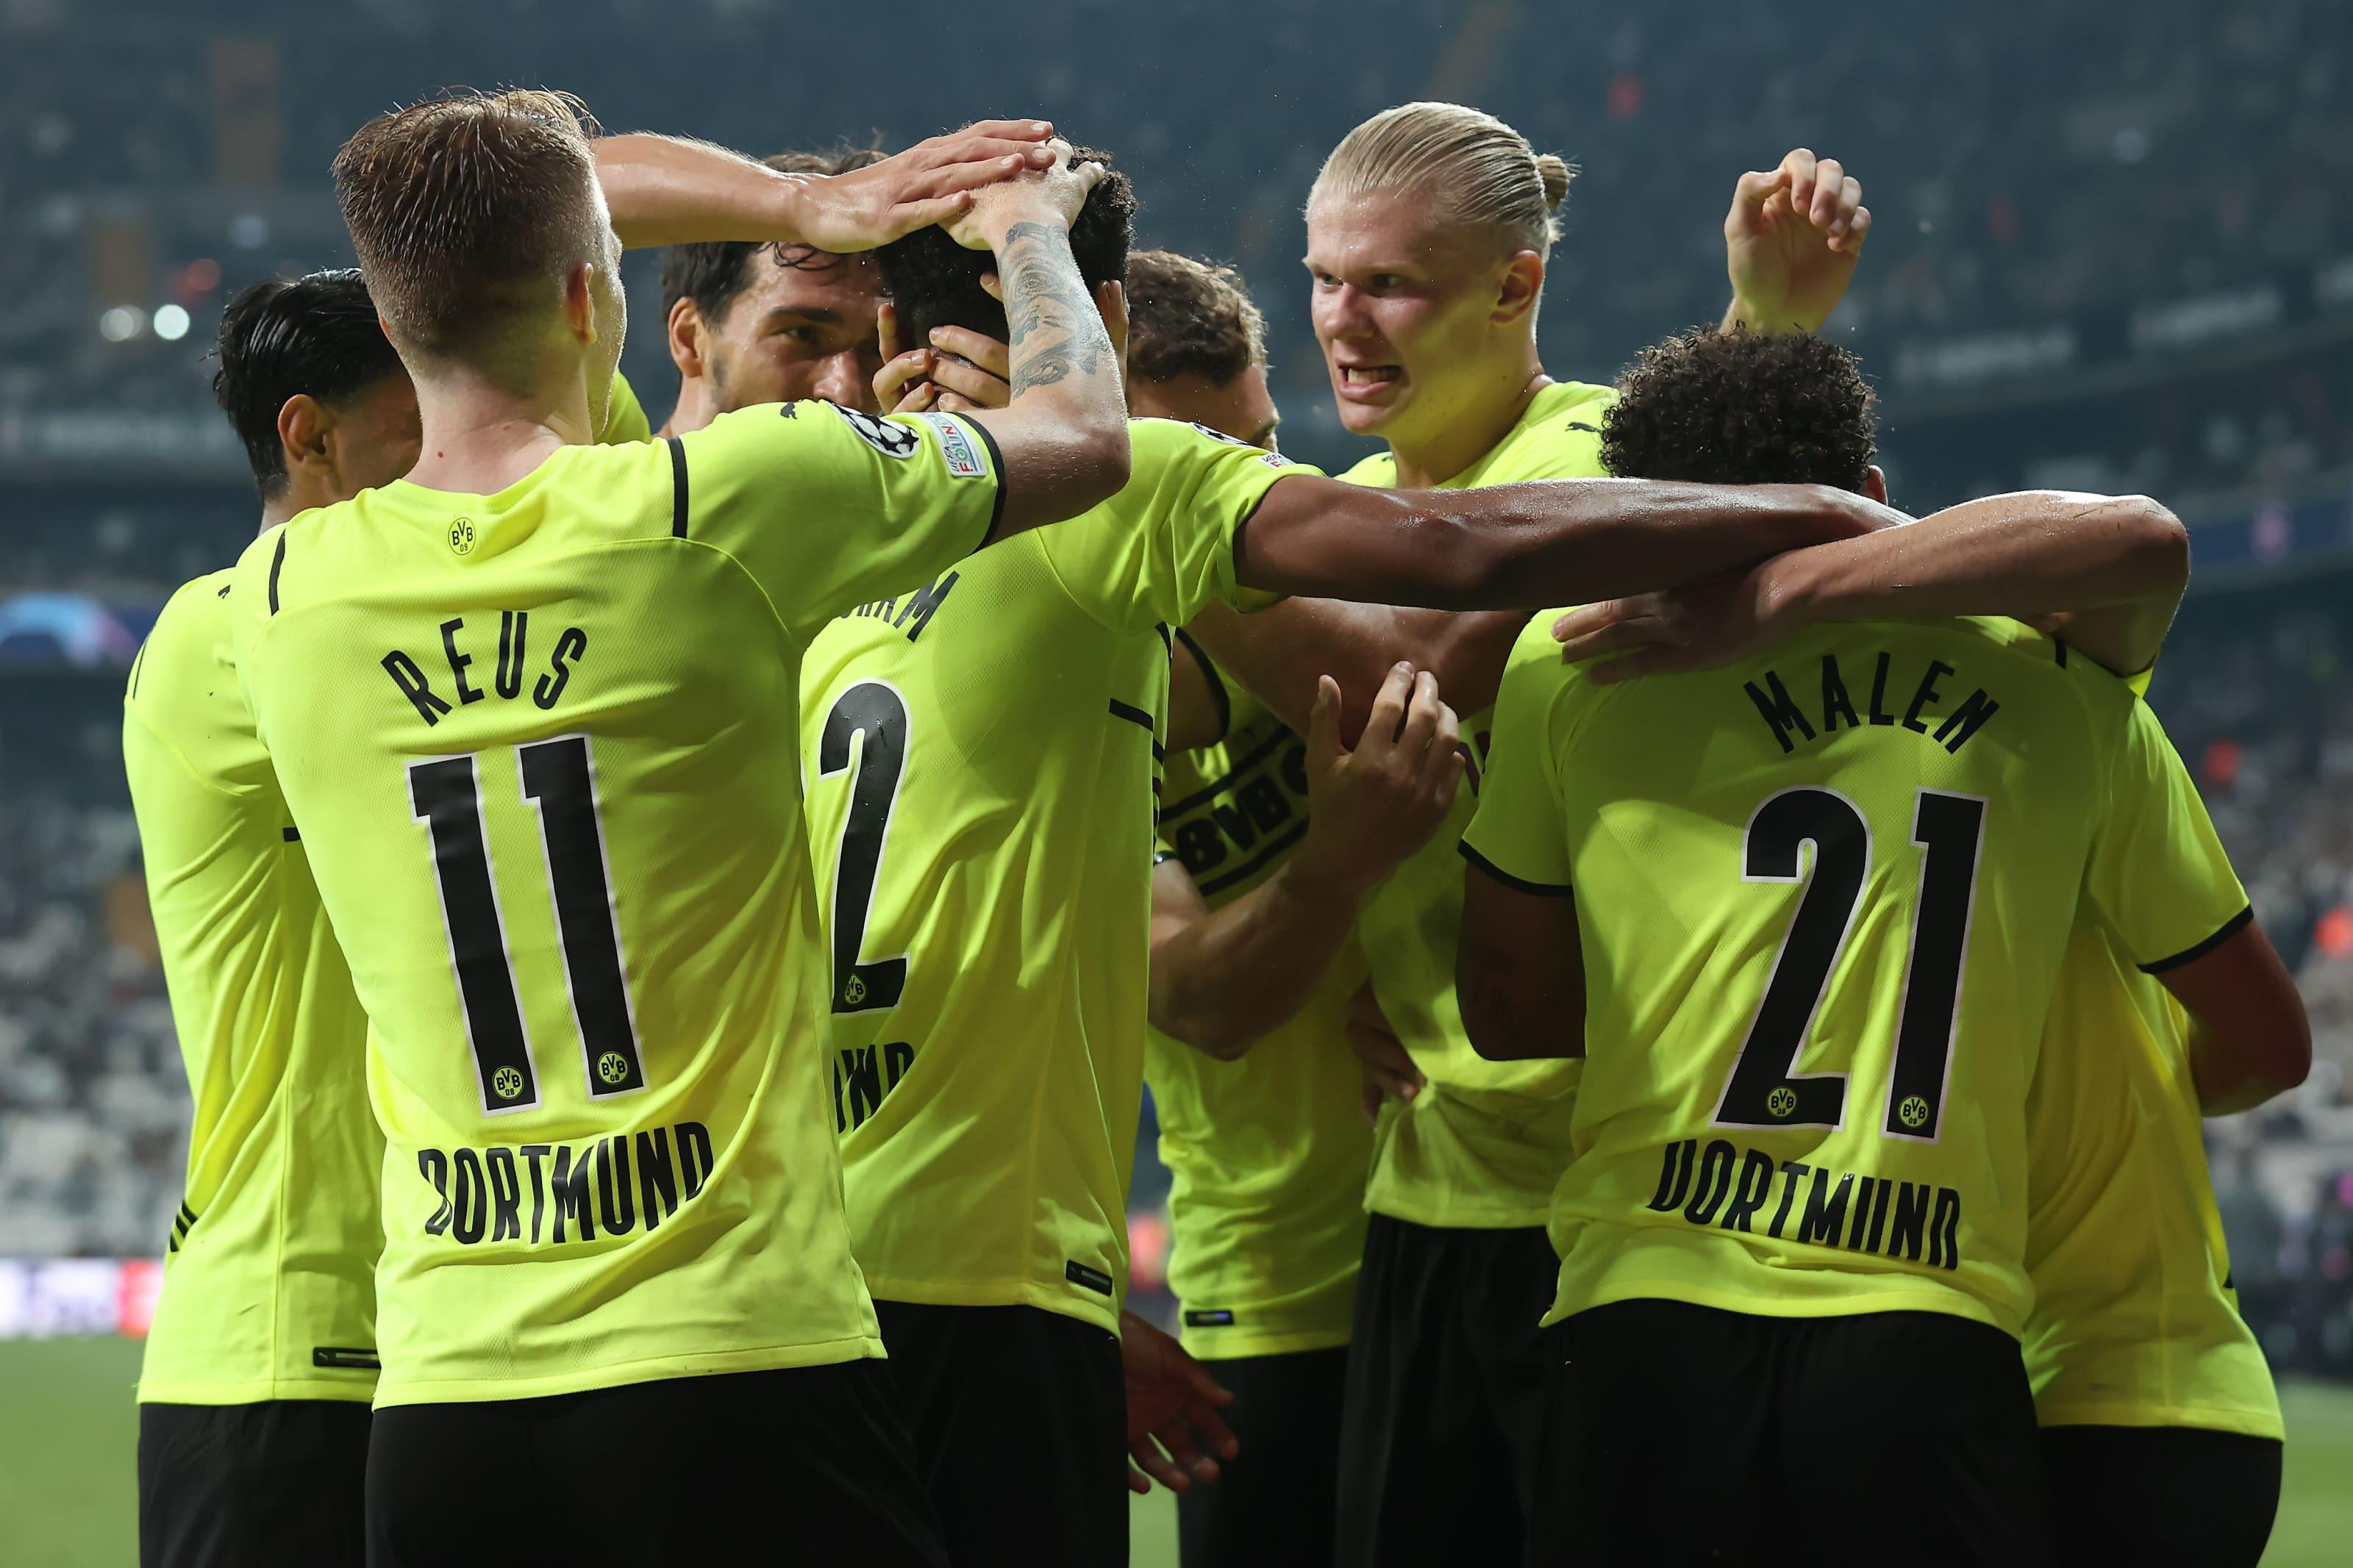 Прогноз на 28 сентября 2021. Боруссия Дортмунд - Спортинг